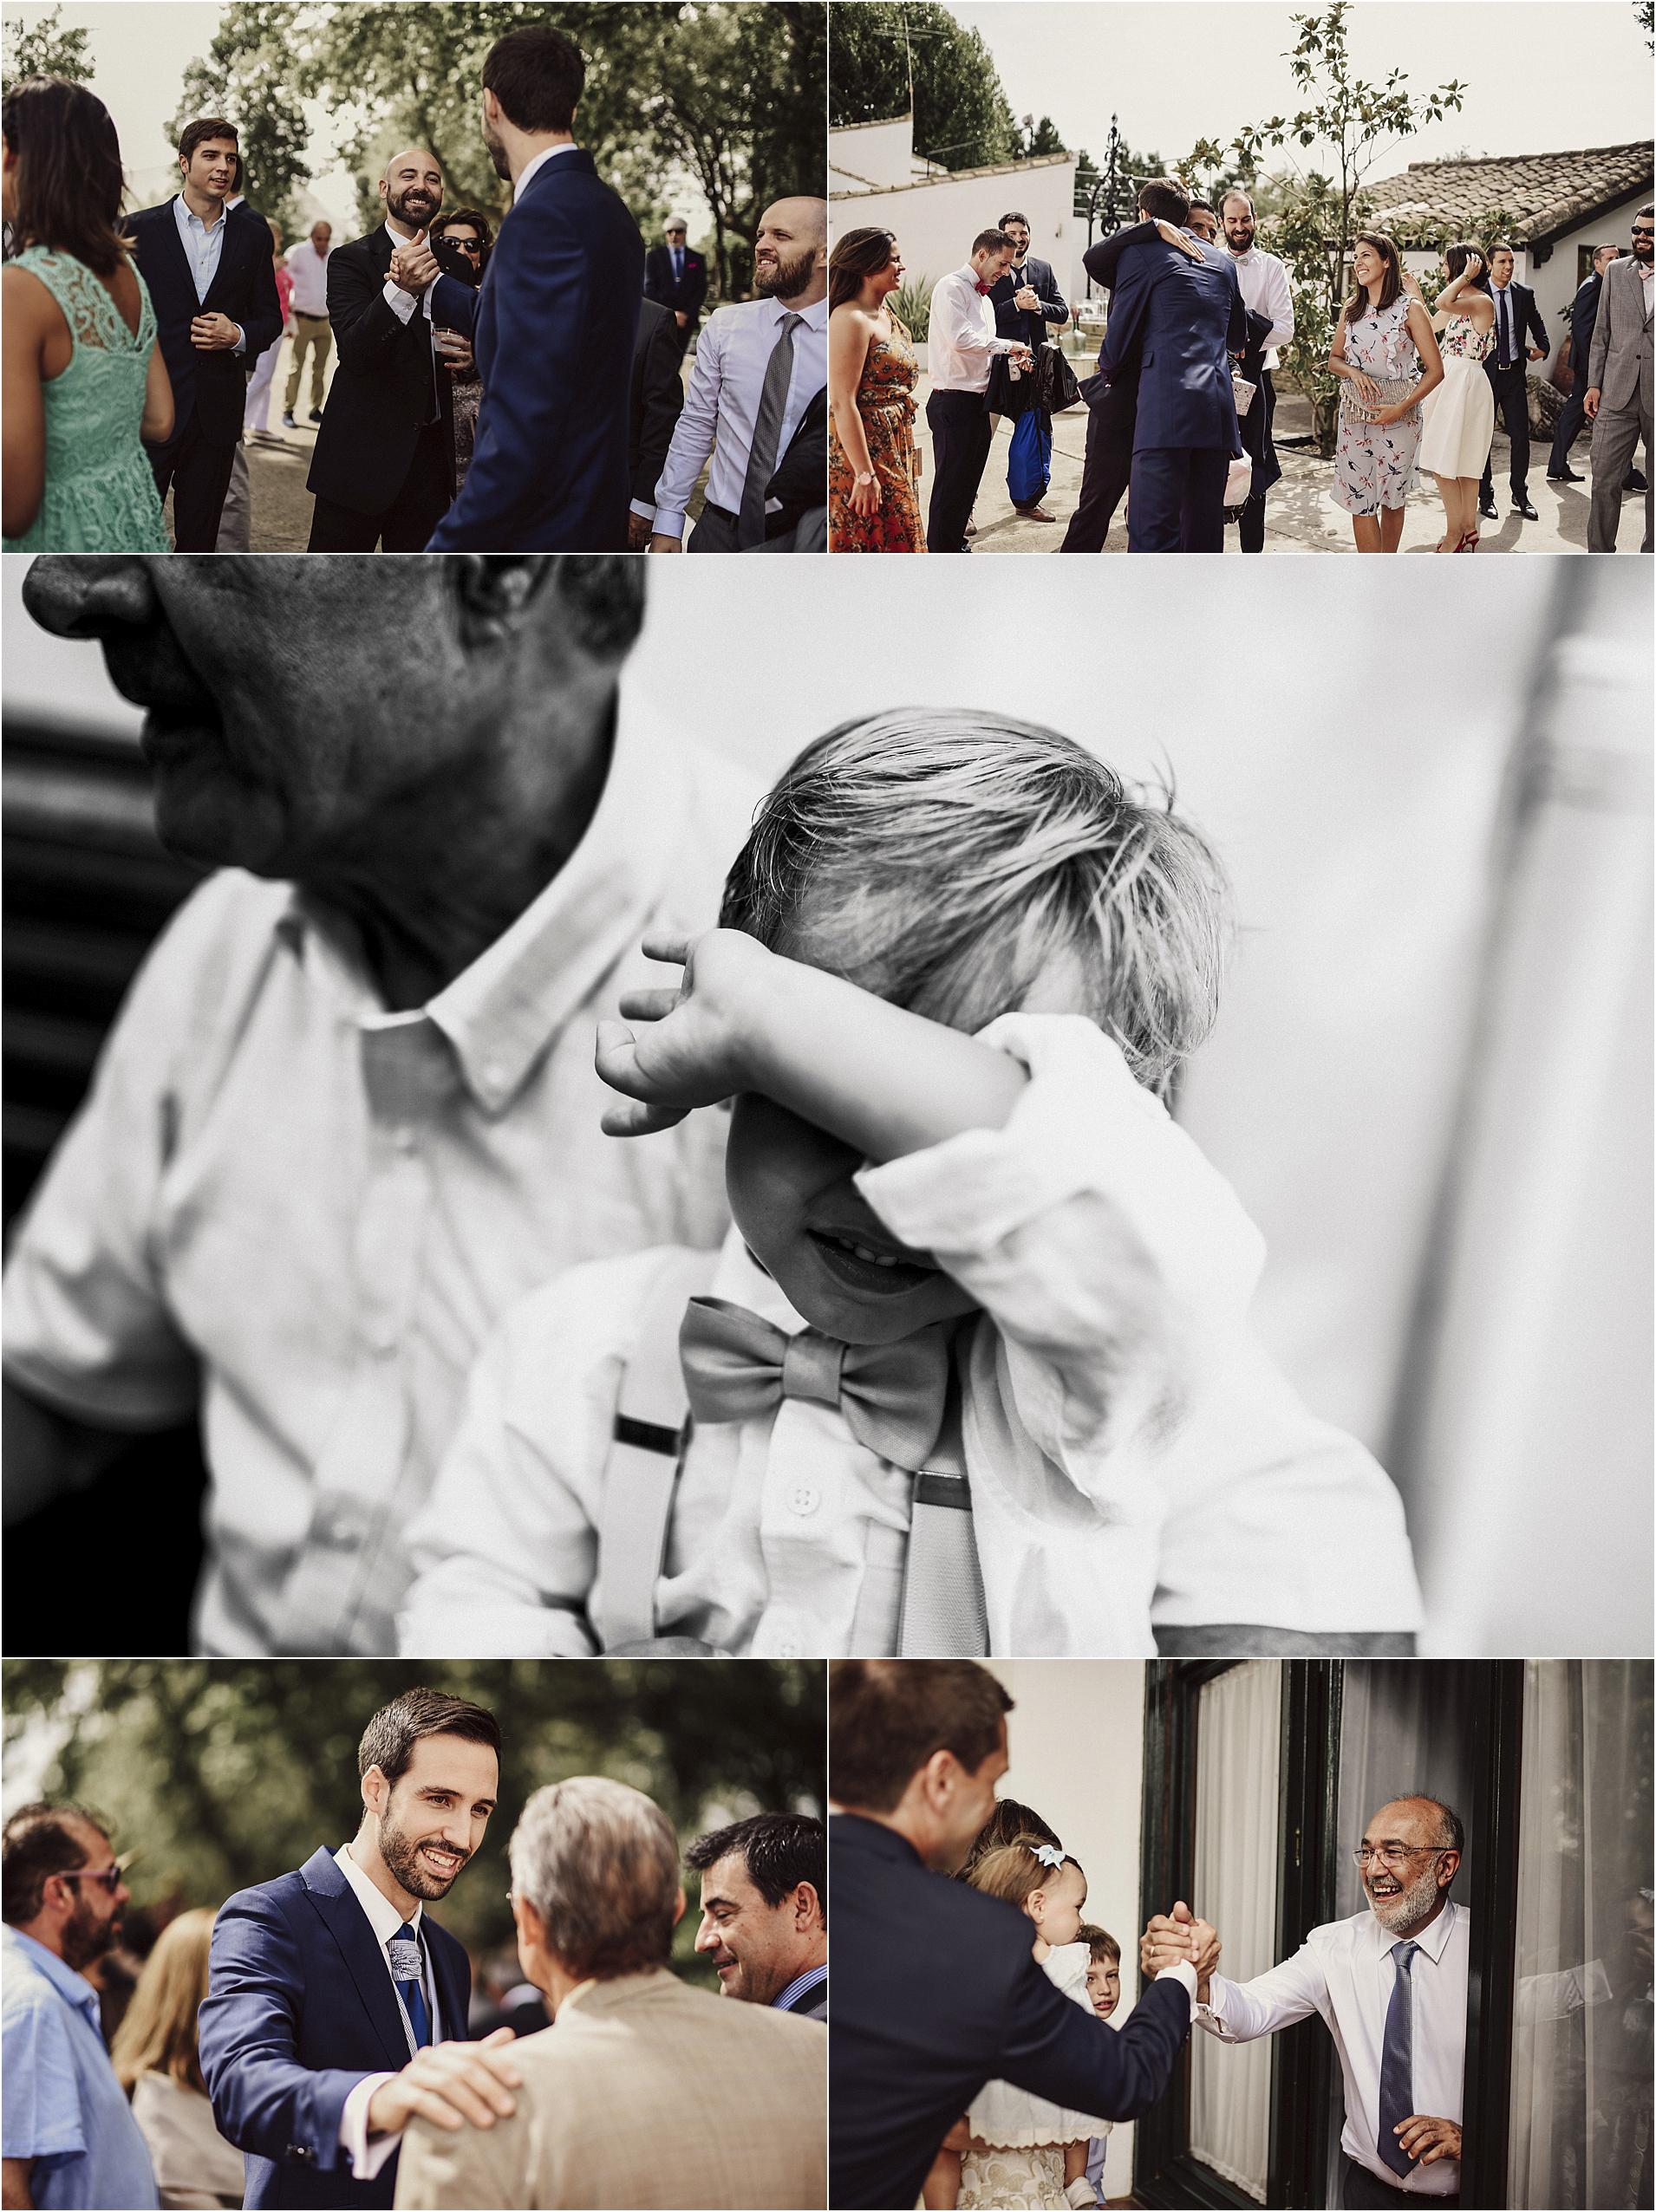 Fotografos-de-boda-donostia-zaragoza-san-sebastian-destination-wedding-photographer-39.jpg